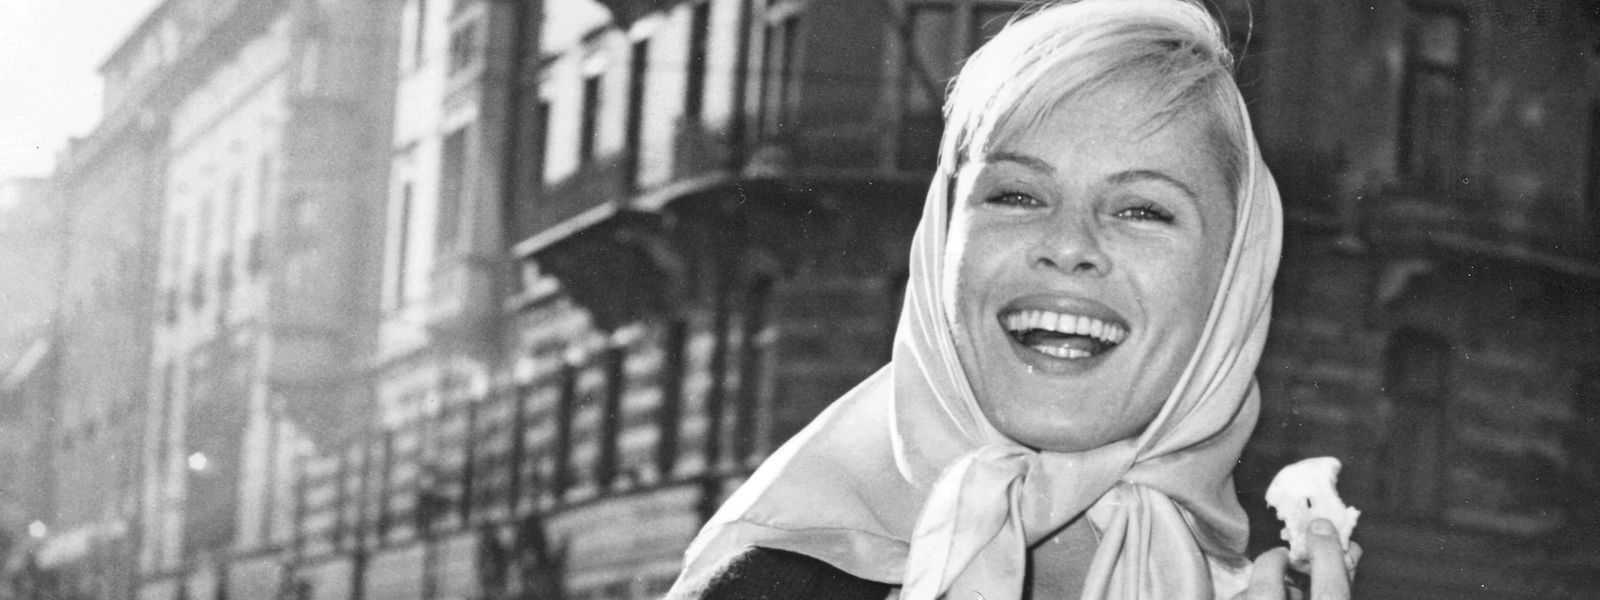 Die schwedische Schauspielerin Bibi Andersson ist durch ihre Zusammenarbeit mit Regisseur Ingmar Bergman berühmt geworden.